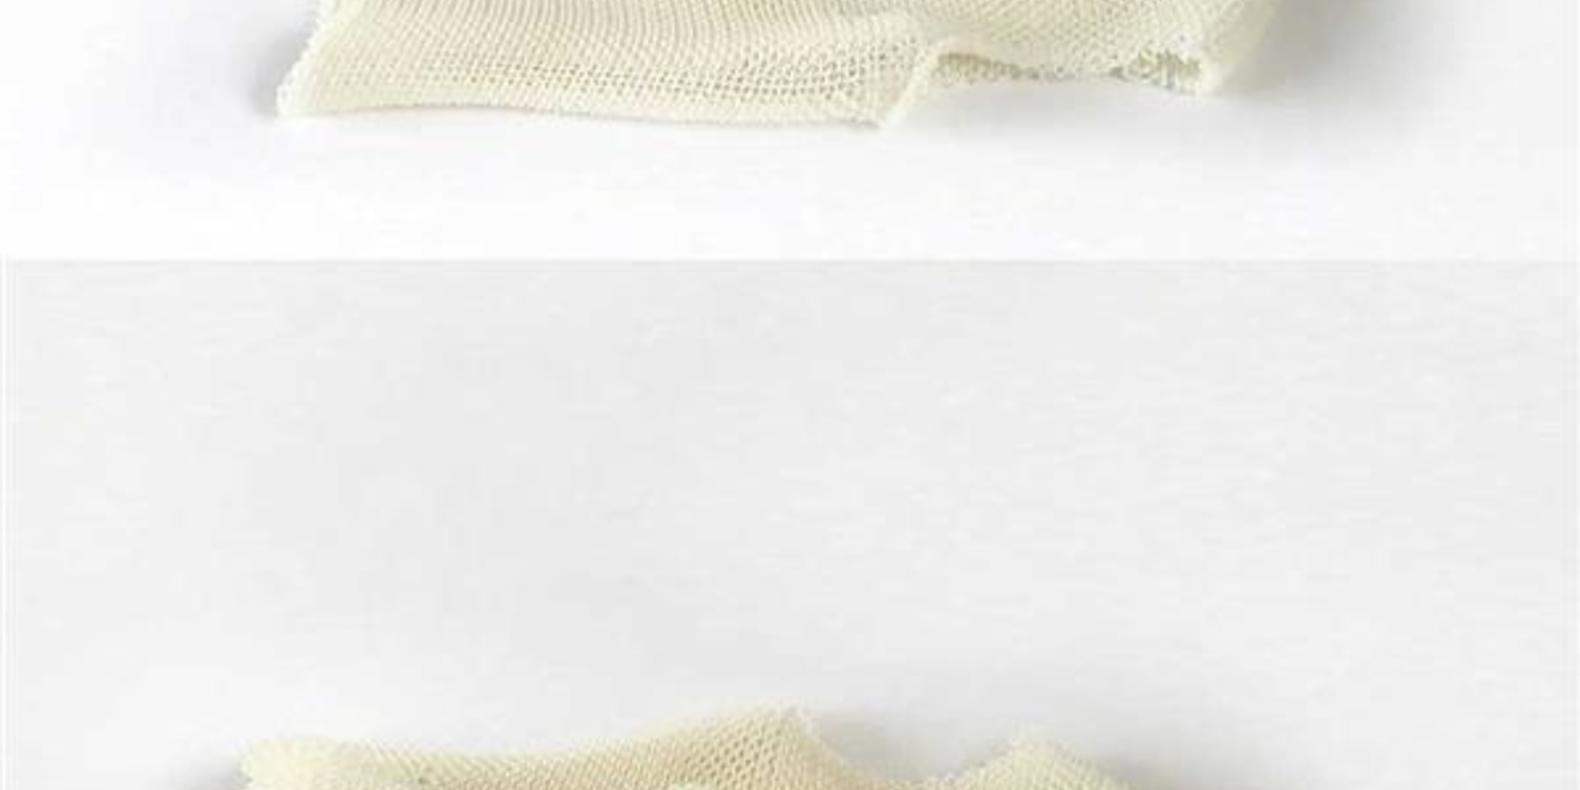 amimono-vetement-imprimes-en-3d-impression-3d-japanese-designers-cults-fichier-3d-mode-3d-printing-2